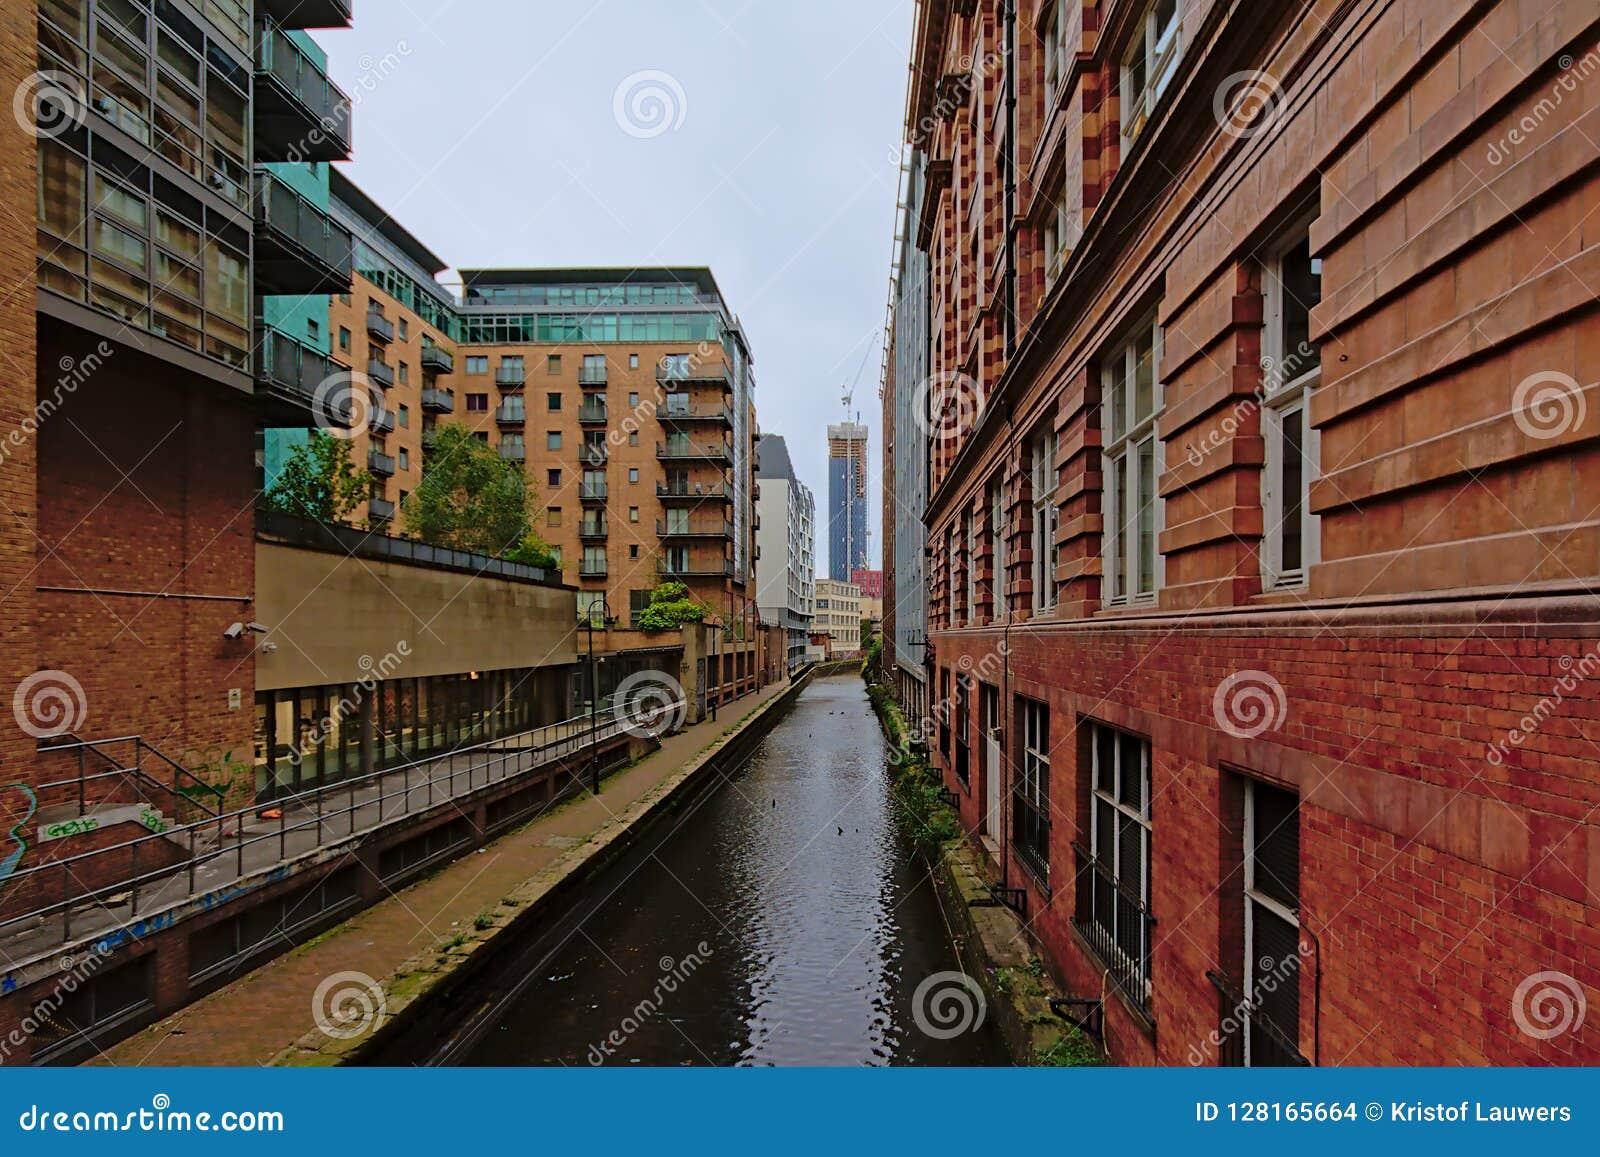 Lager och hyreshusar längs en kanal i Manchester